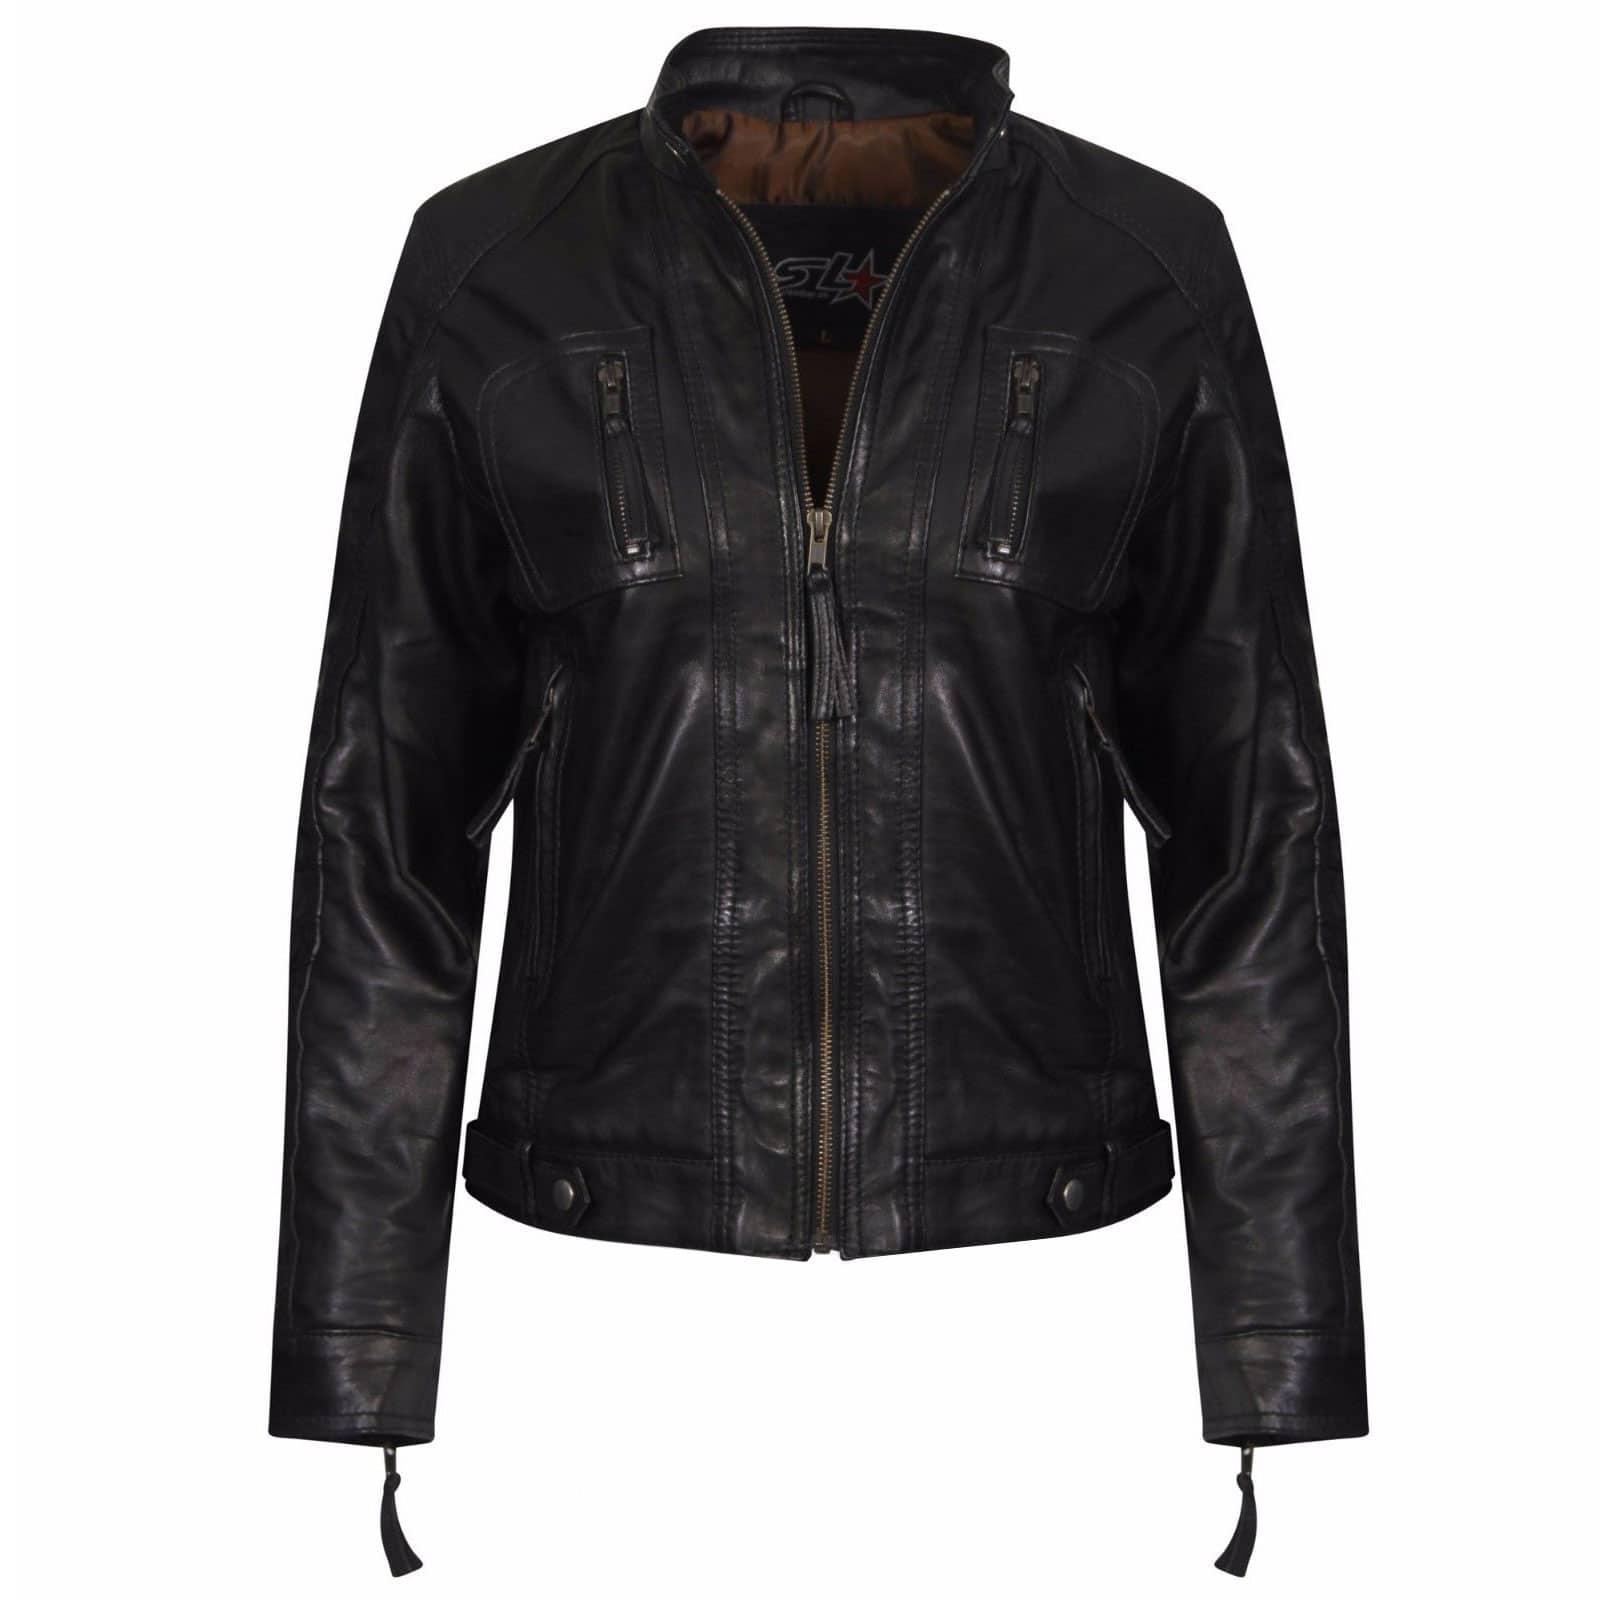 leather jacket styles - photo #27